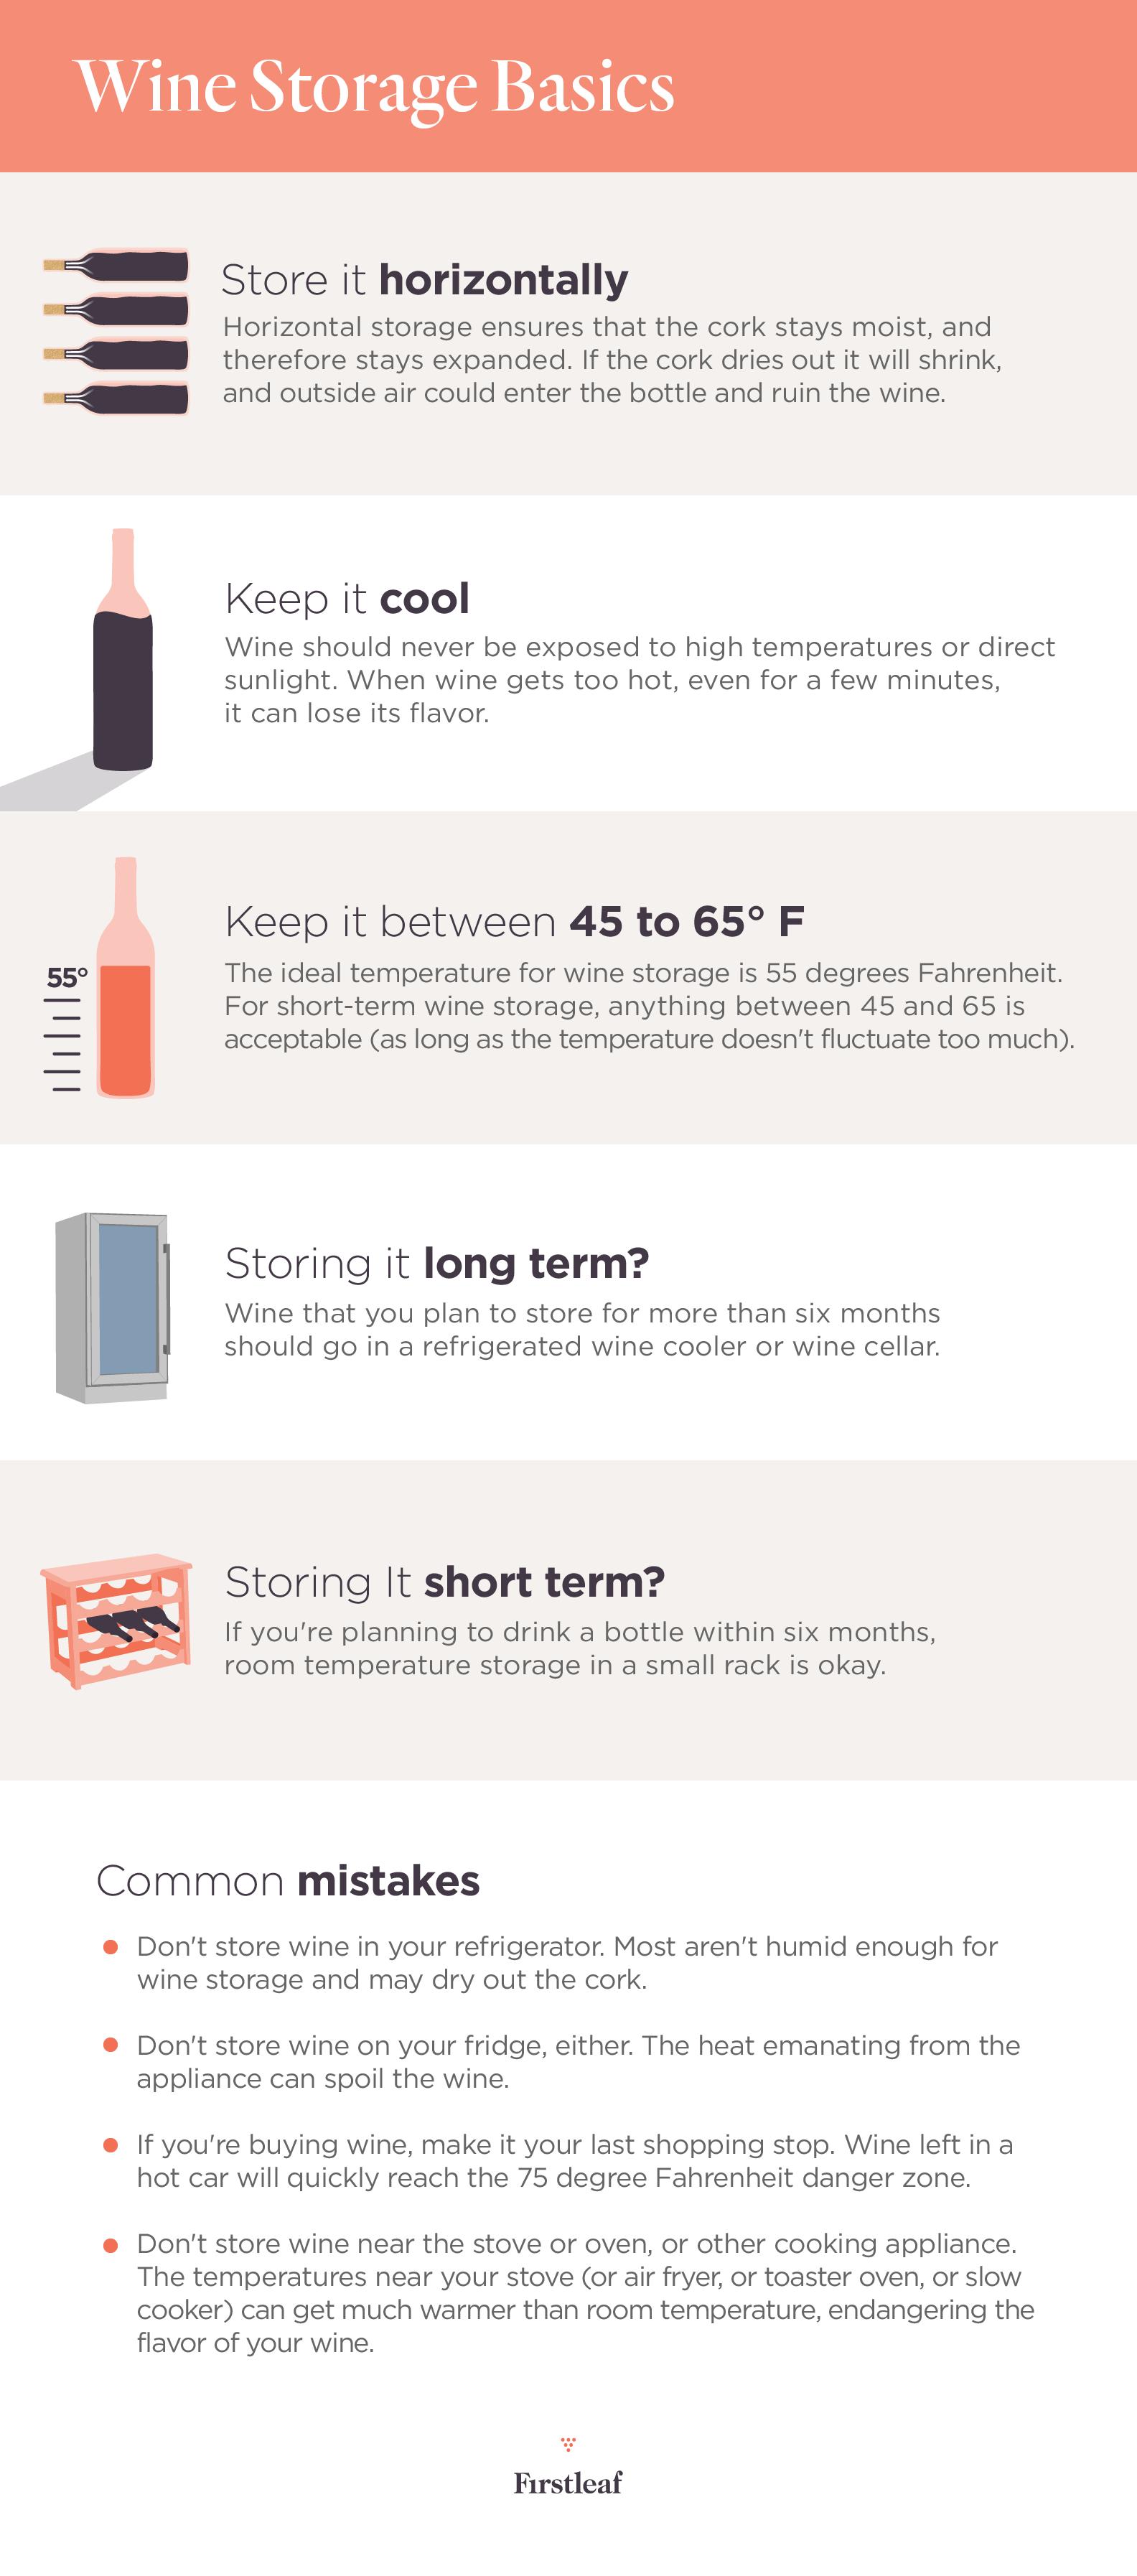 wine storage basics